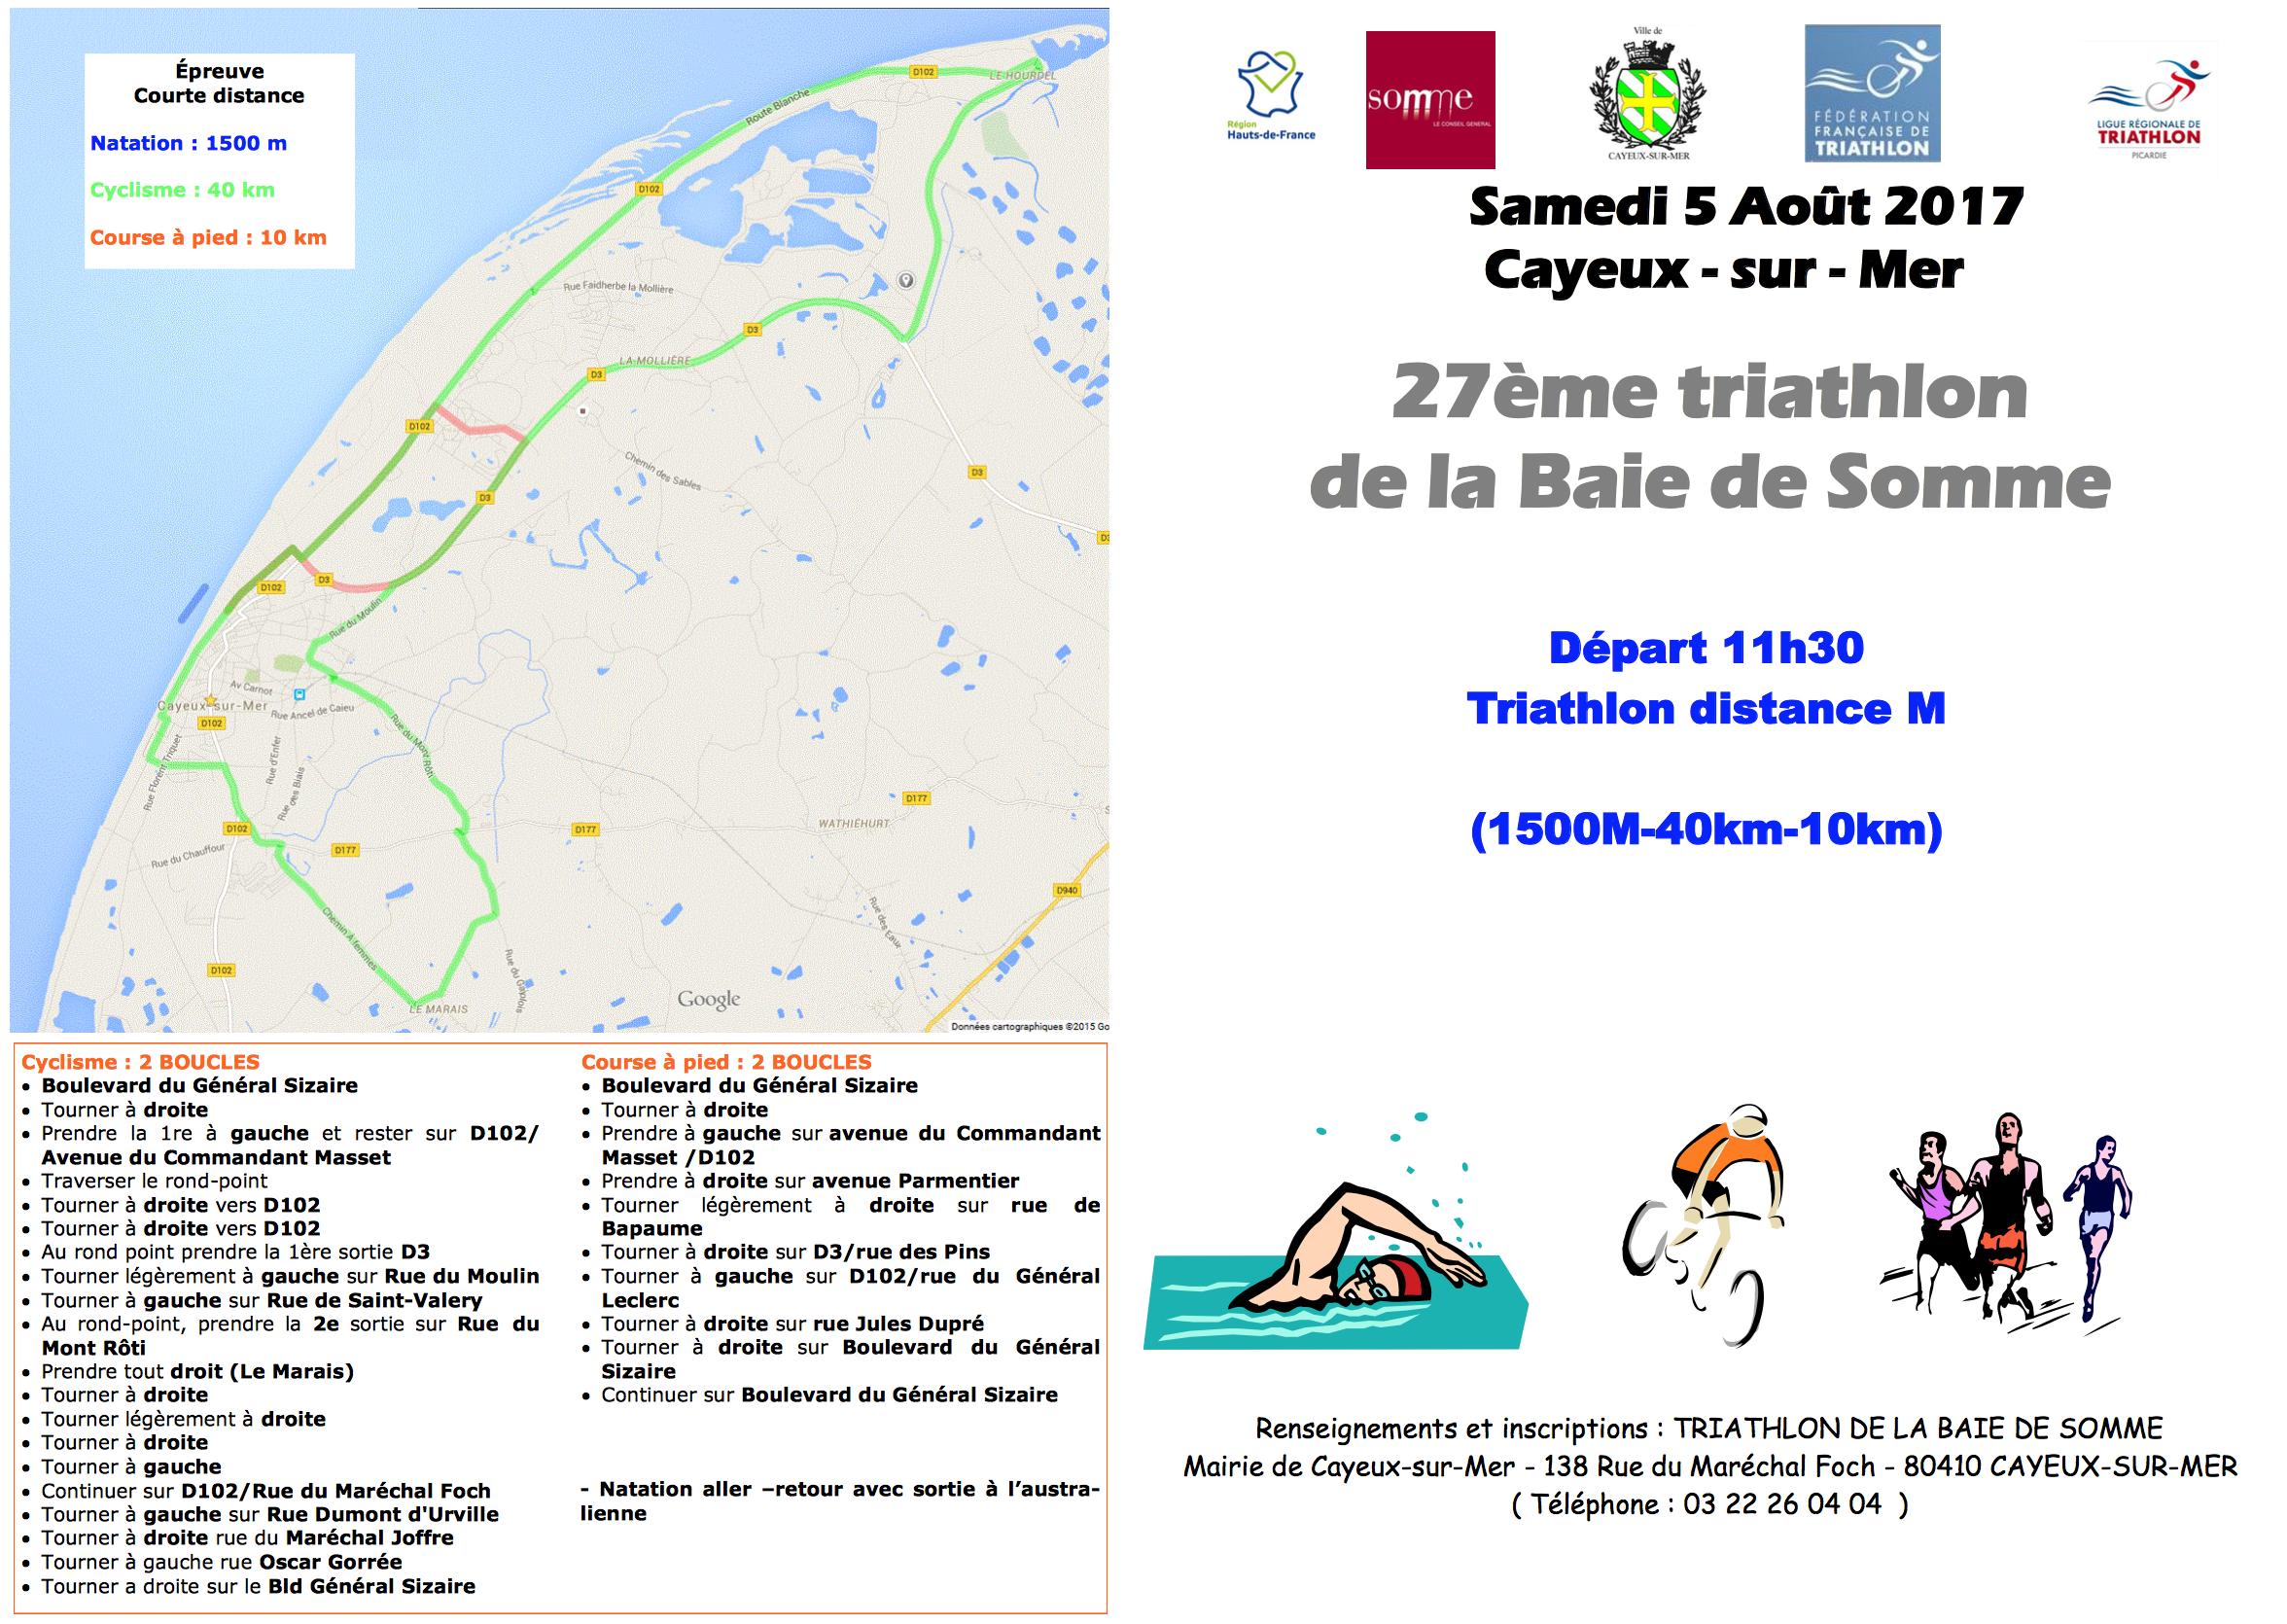 triathlon 2017 Cayeux-sur-Somme